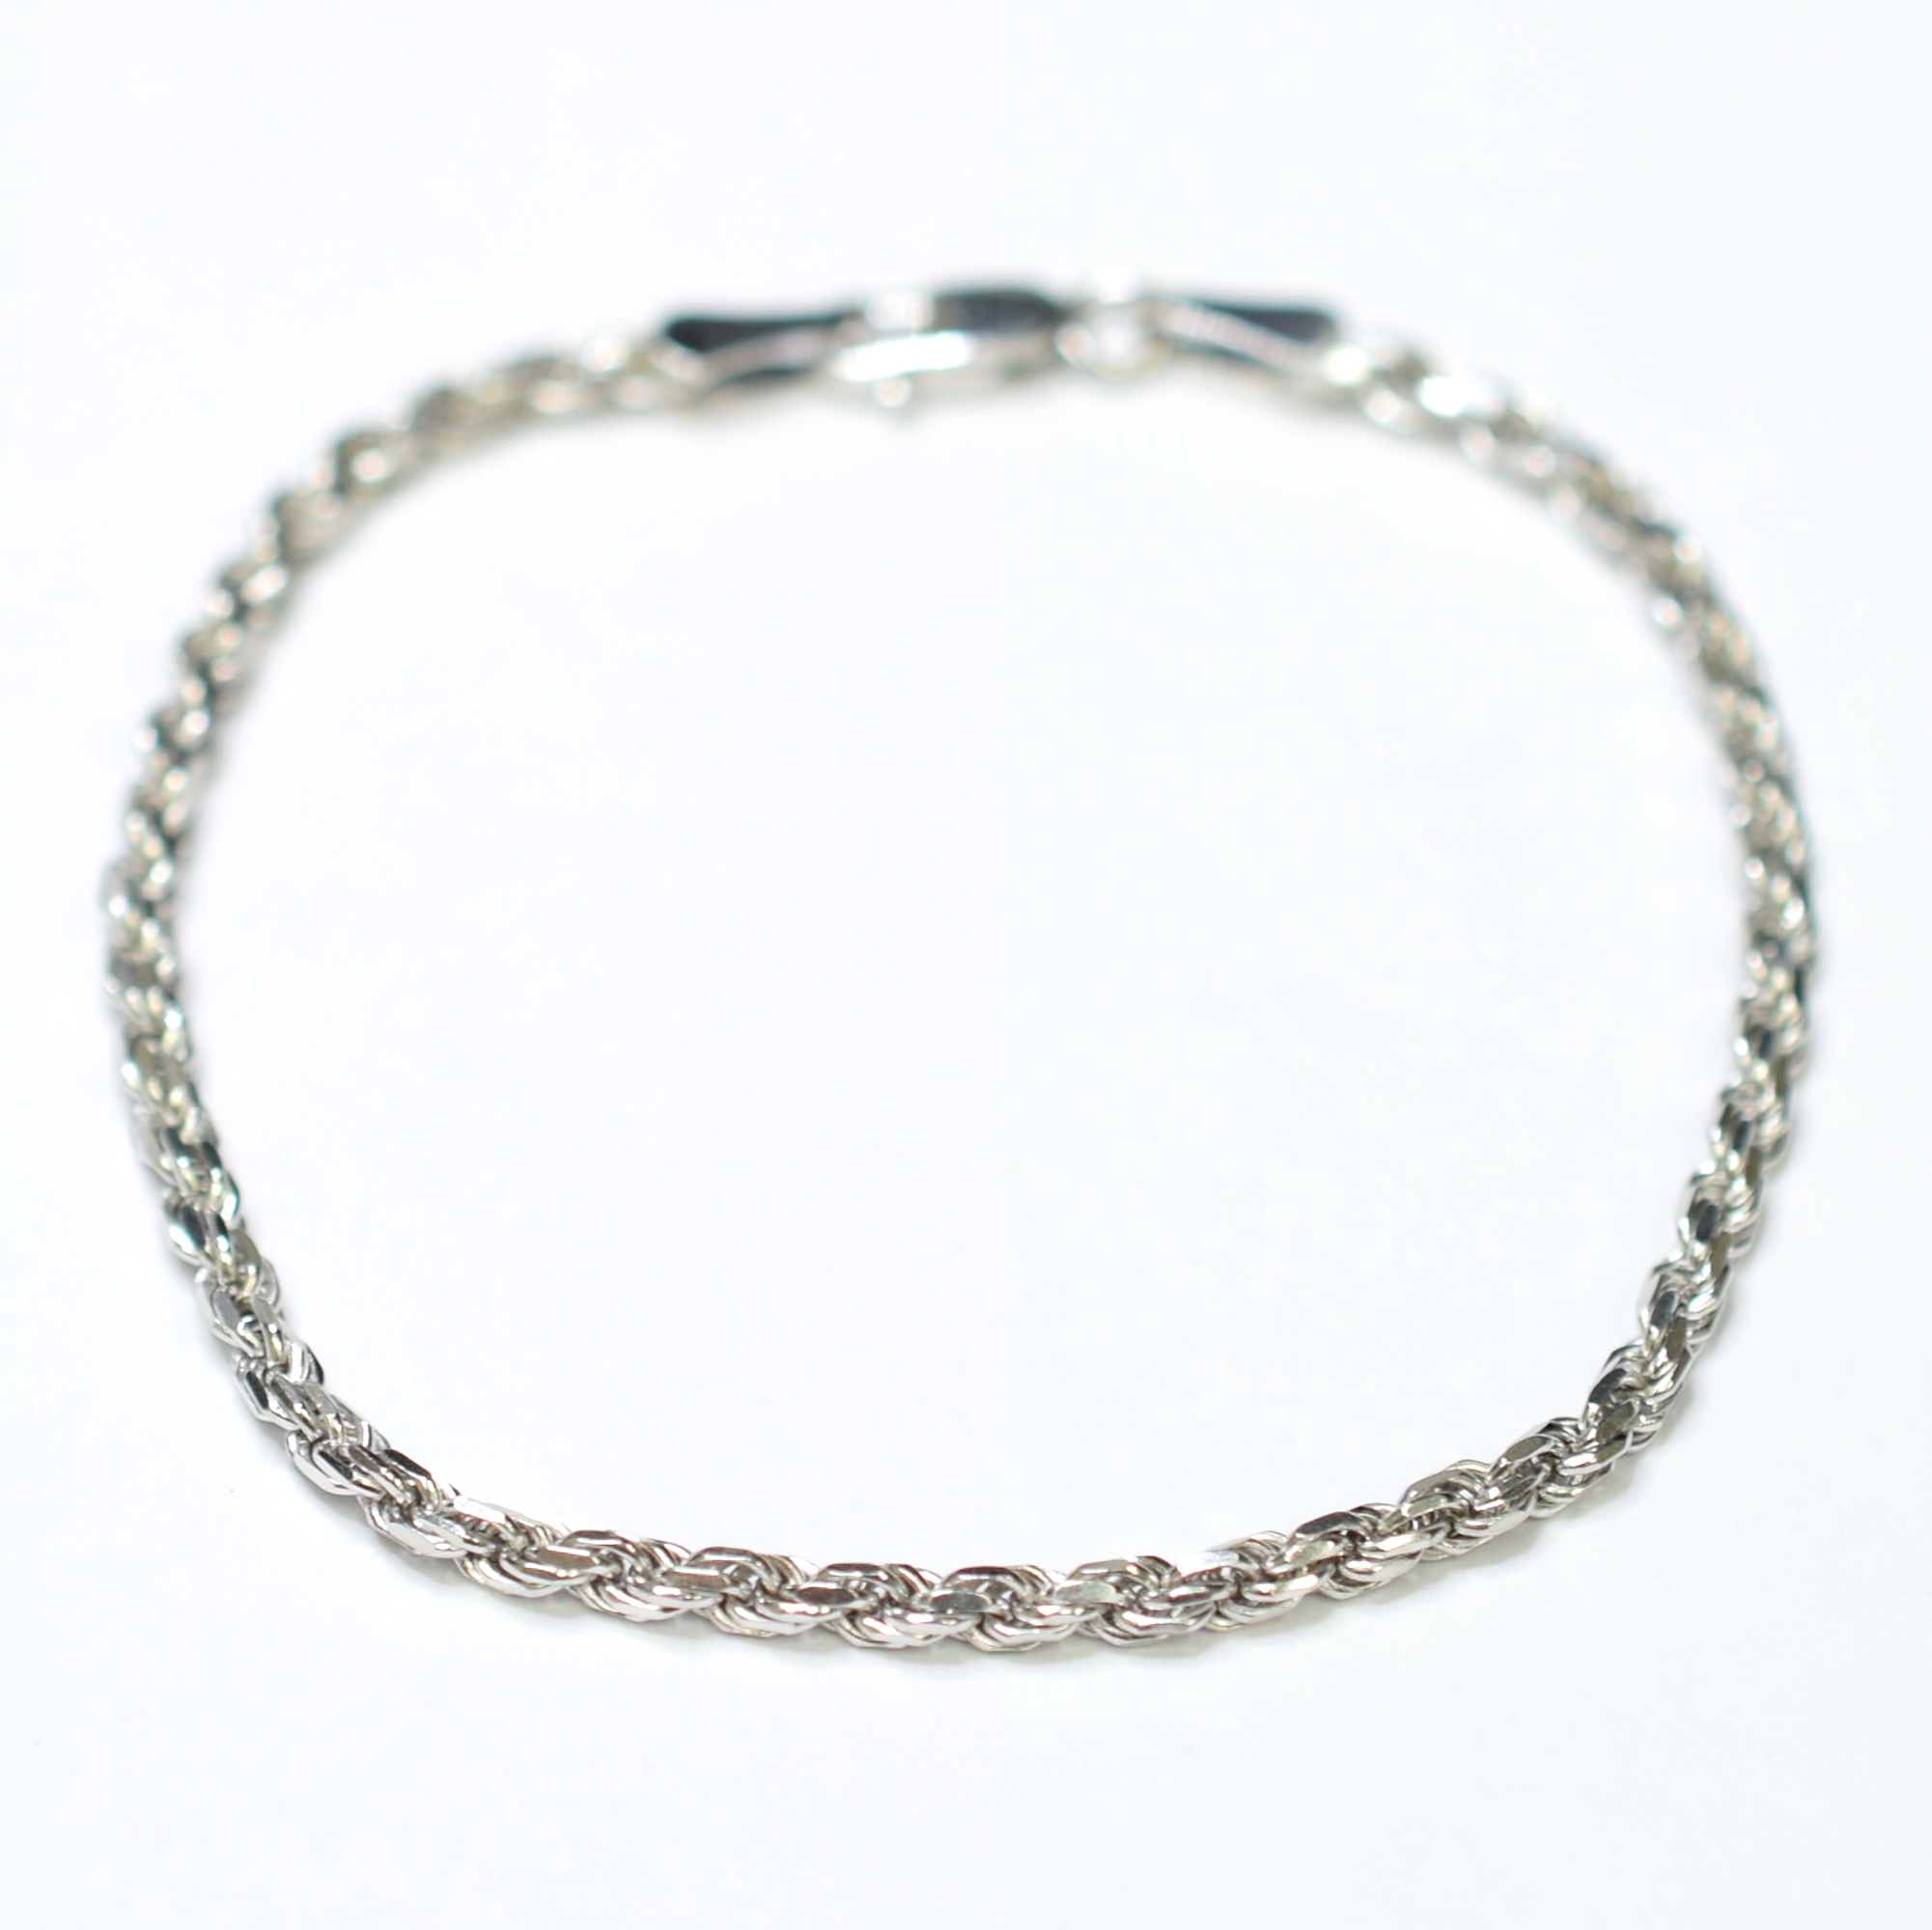 14k White Gold 3 48 Grams Rope Chain Style Bracelet